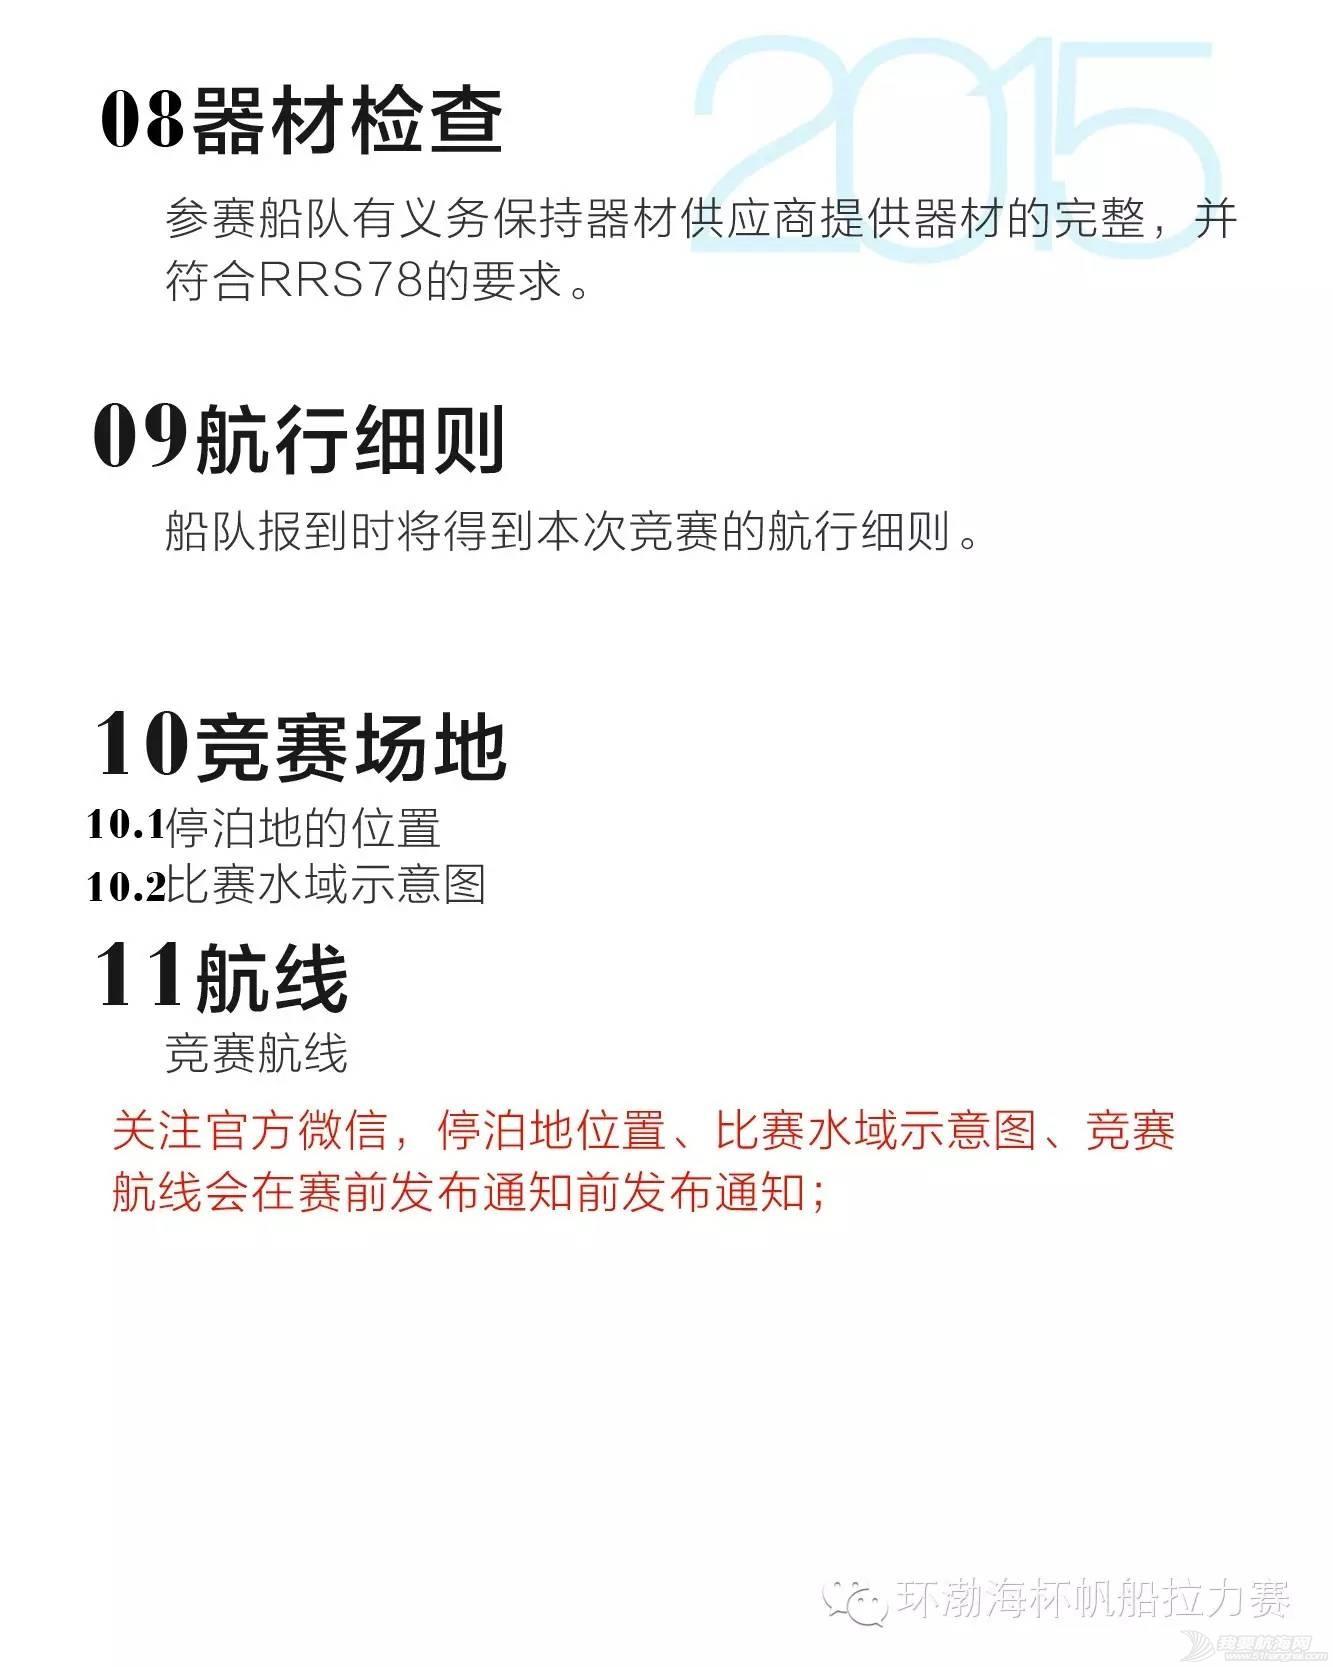 拉力赛,中国,渤海,帆船 2015中国环渤海帆船拉力赛竞赛通知 cafd3e937a4fbfa4d64057c35f4235db.jpg